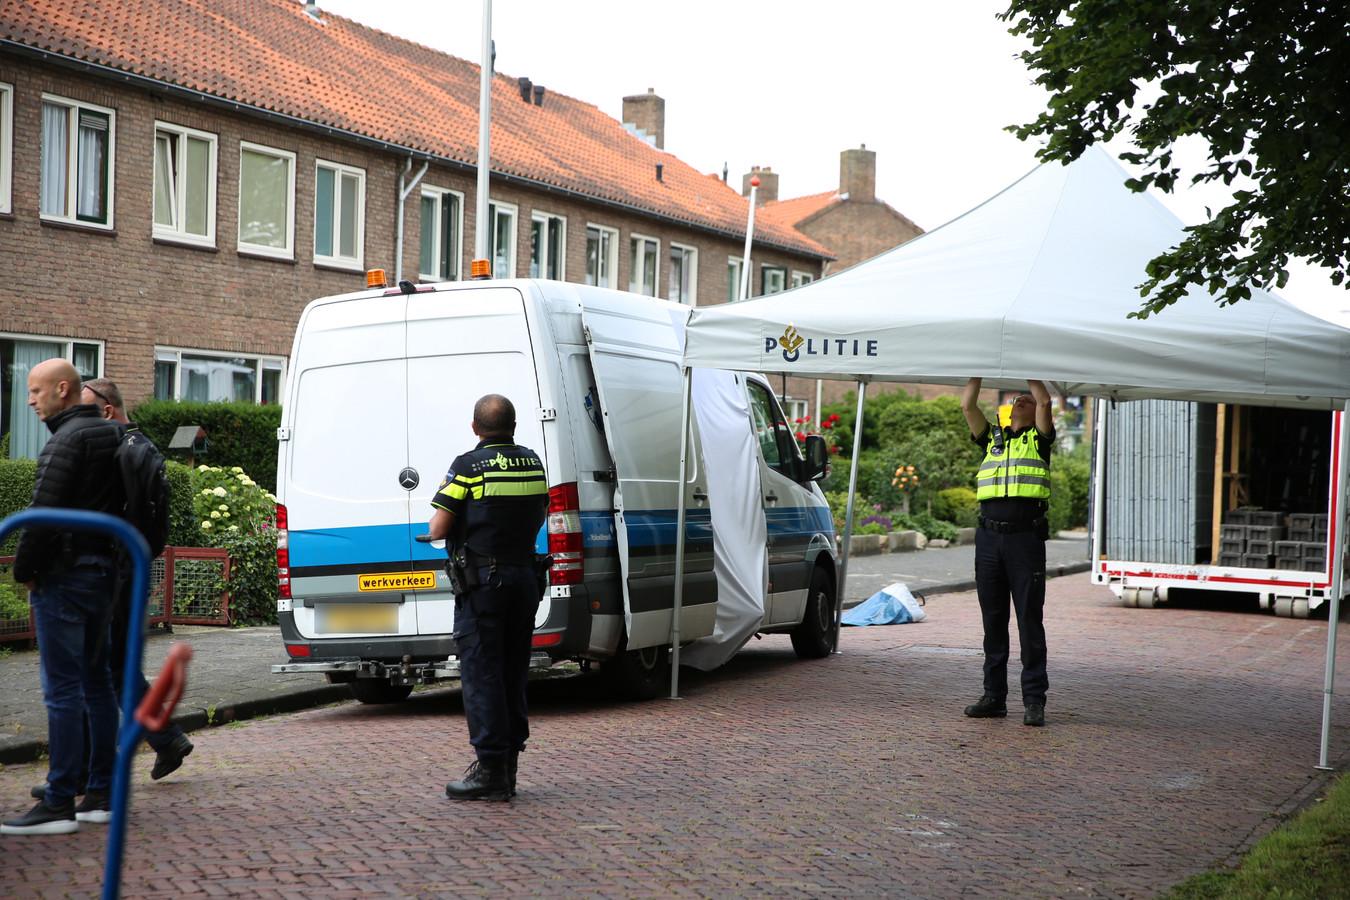 De Meester Jan Tuningstraat in Naaldwijk, waar een overleden persoon werd aangetroffen bij een busje.